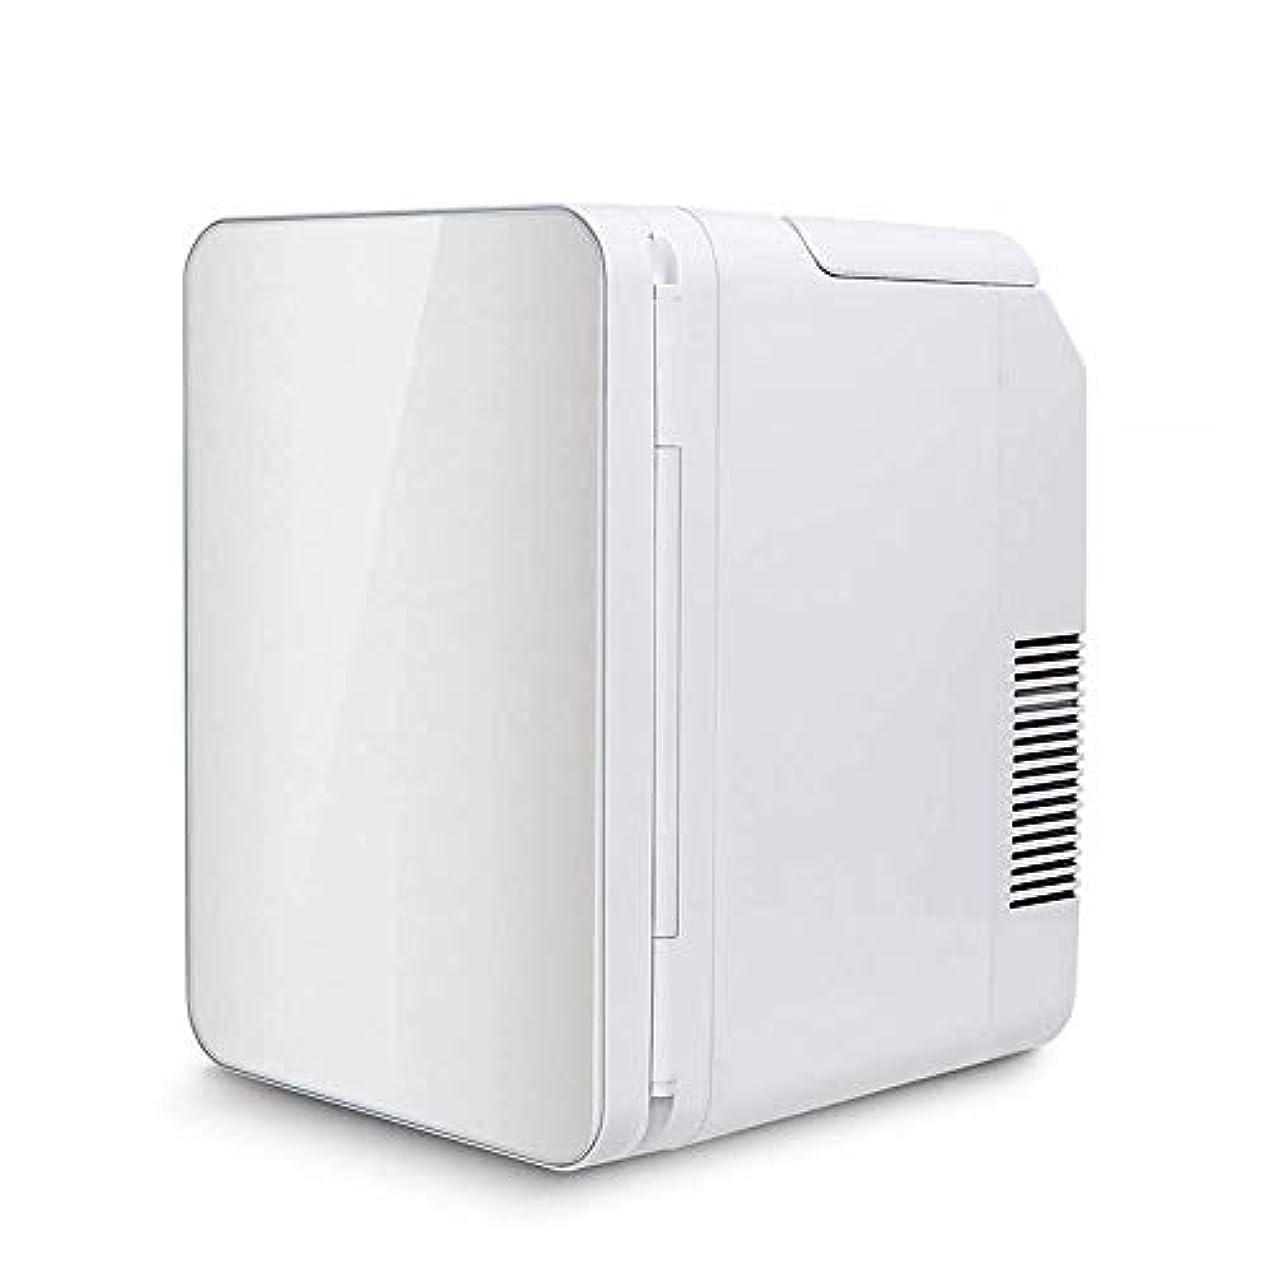 健康的申請者受け皿車の冷蔵庫12v、車の冷蔵庫ポータブルミニフリーザー冷蔵庫クーラー冷蔵15 L冷凍コンパクト冷蔵庫